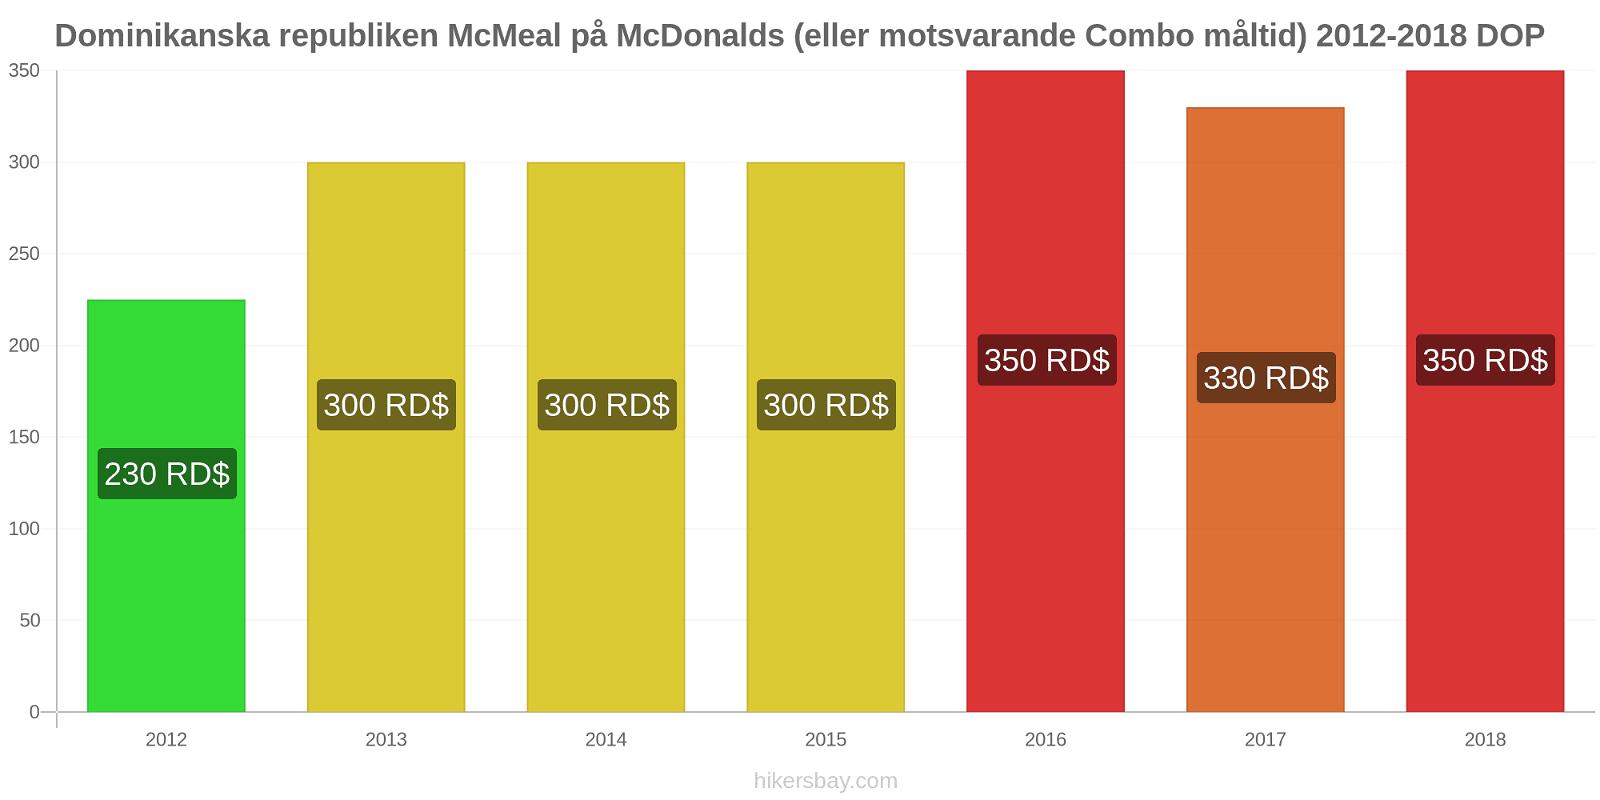 Dominikanska republiken prisförändringar McMeal på McDonalds (eller motsvarande Combo måltid) hikersbay.com